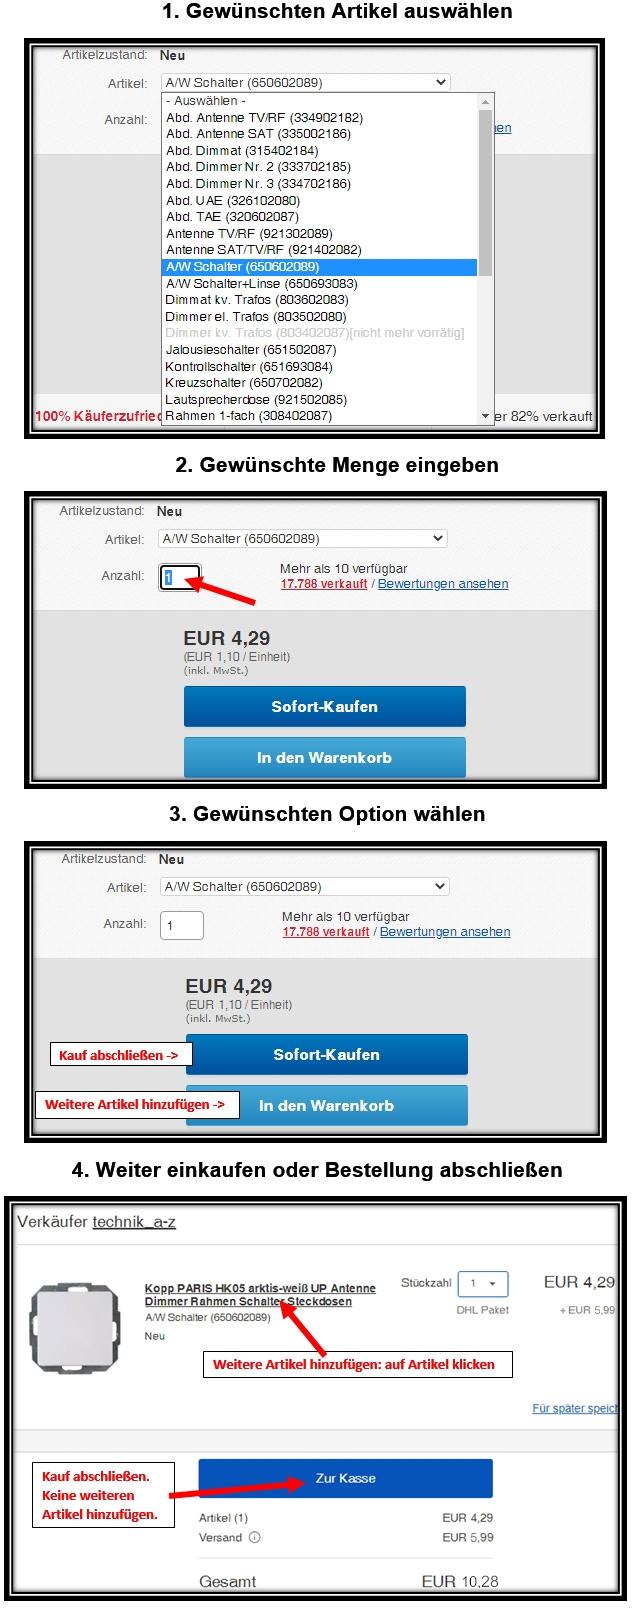 HTTPS://www.a-h-net.de/ebayshop/Variantenbestellung.jpg